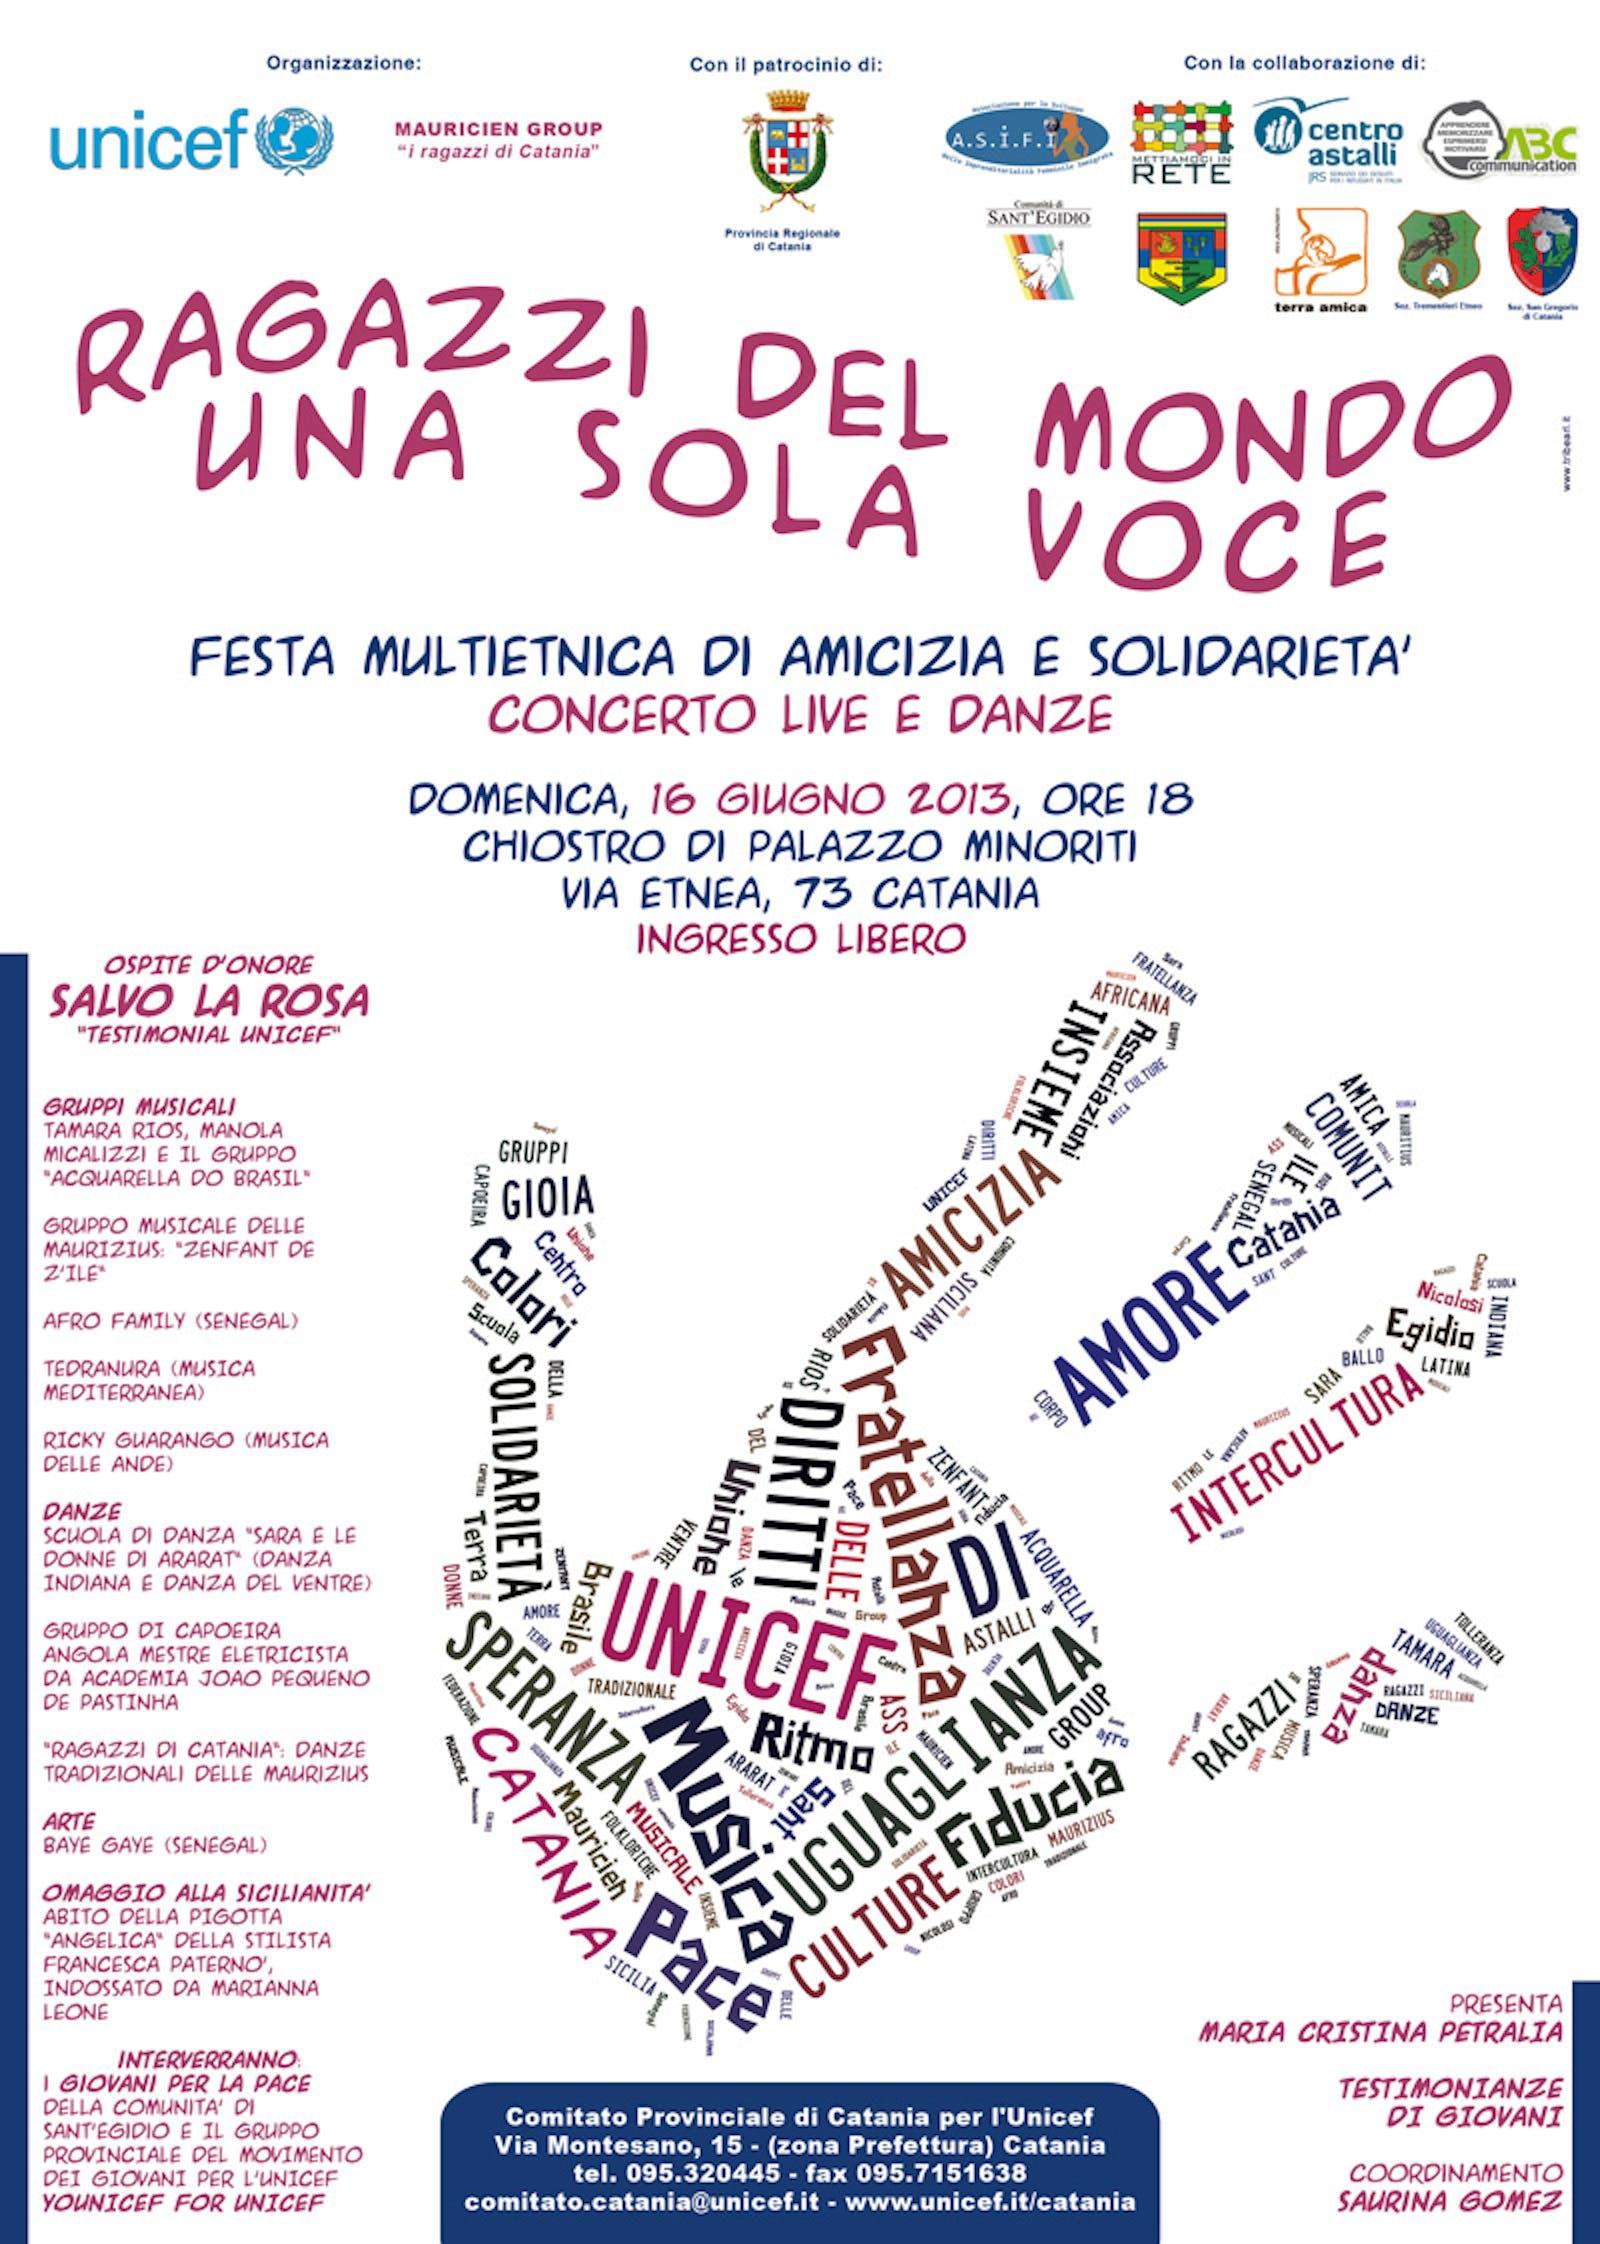 A Catania la Festa di amicizia e solidarietà promossa da UNICEF